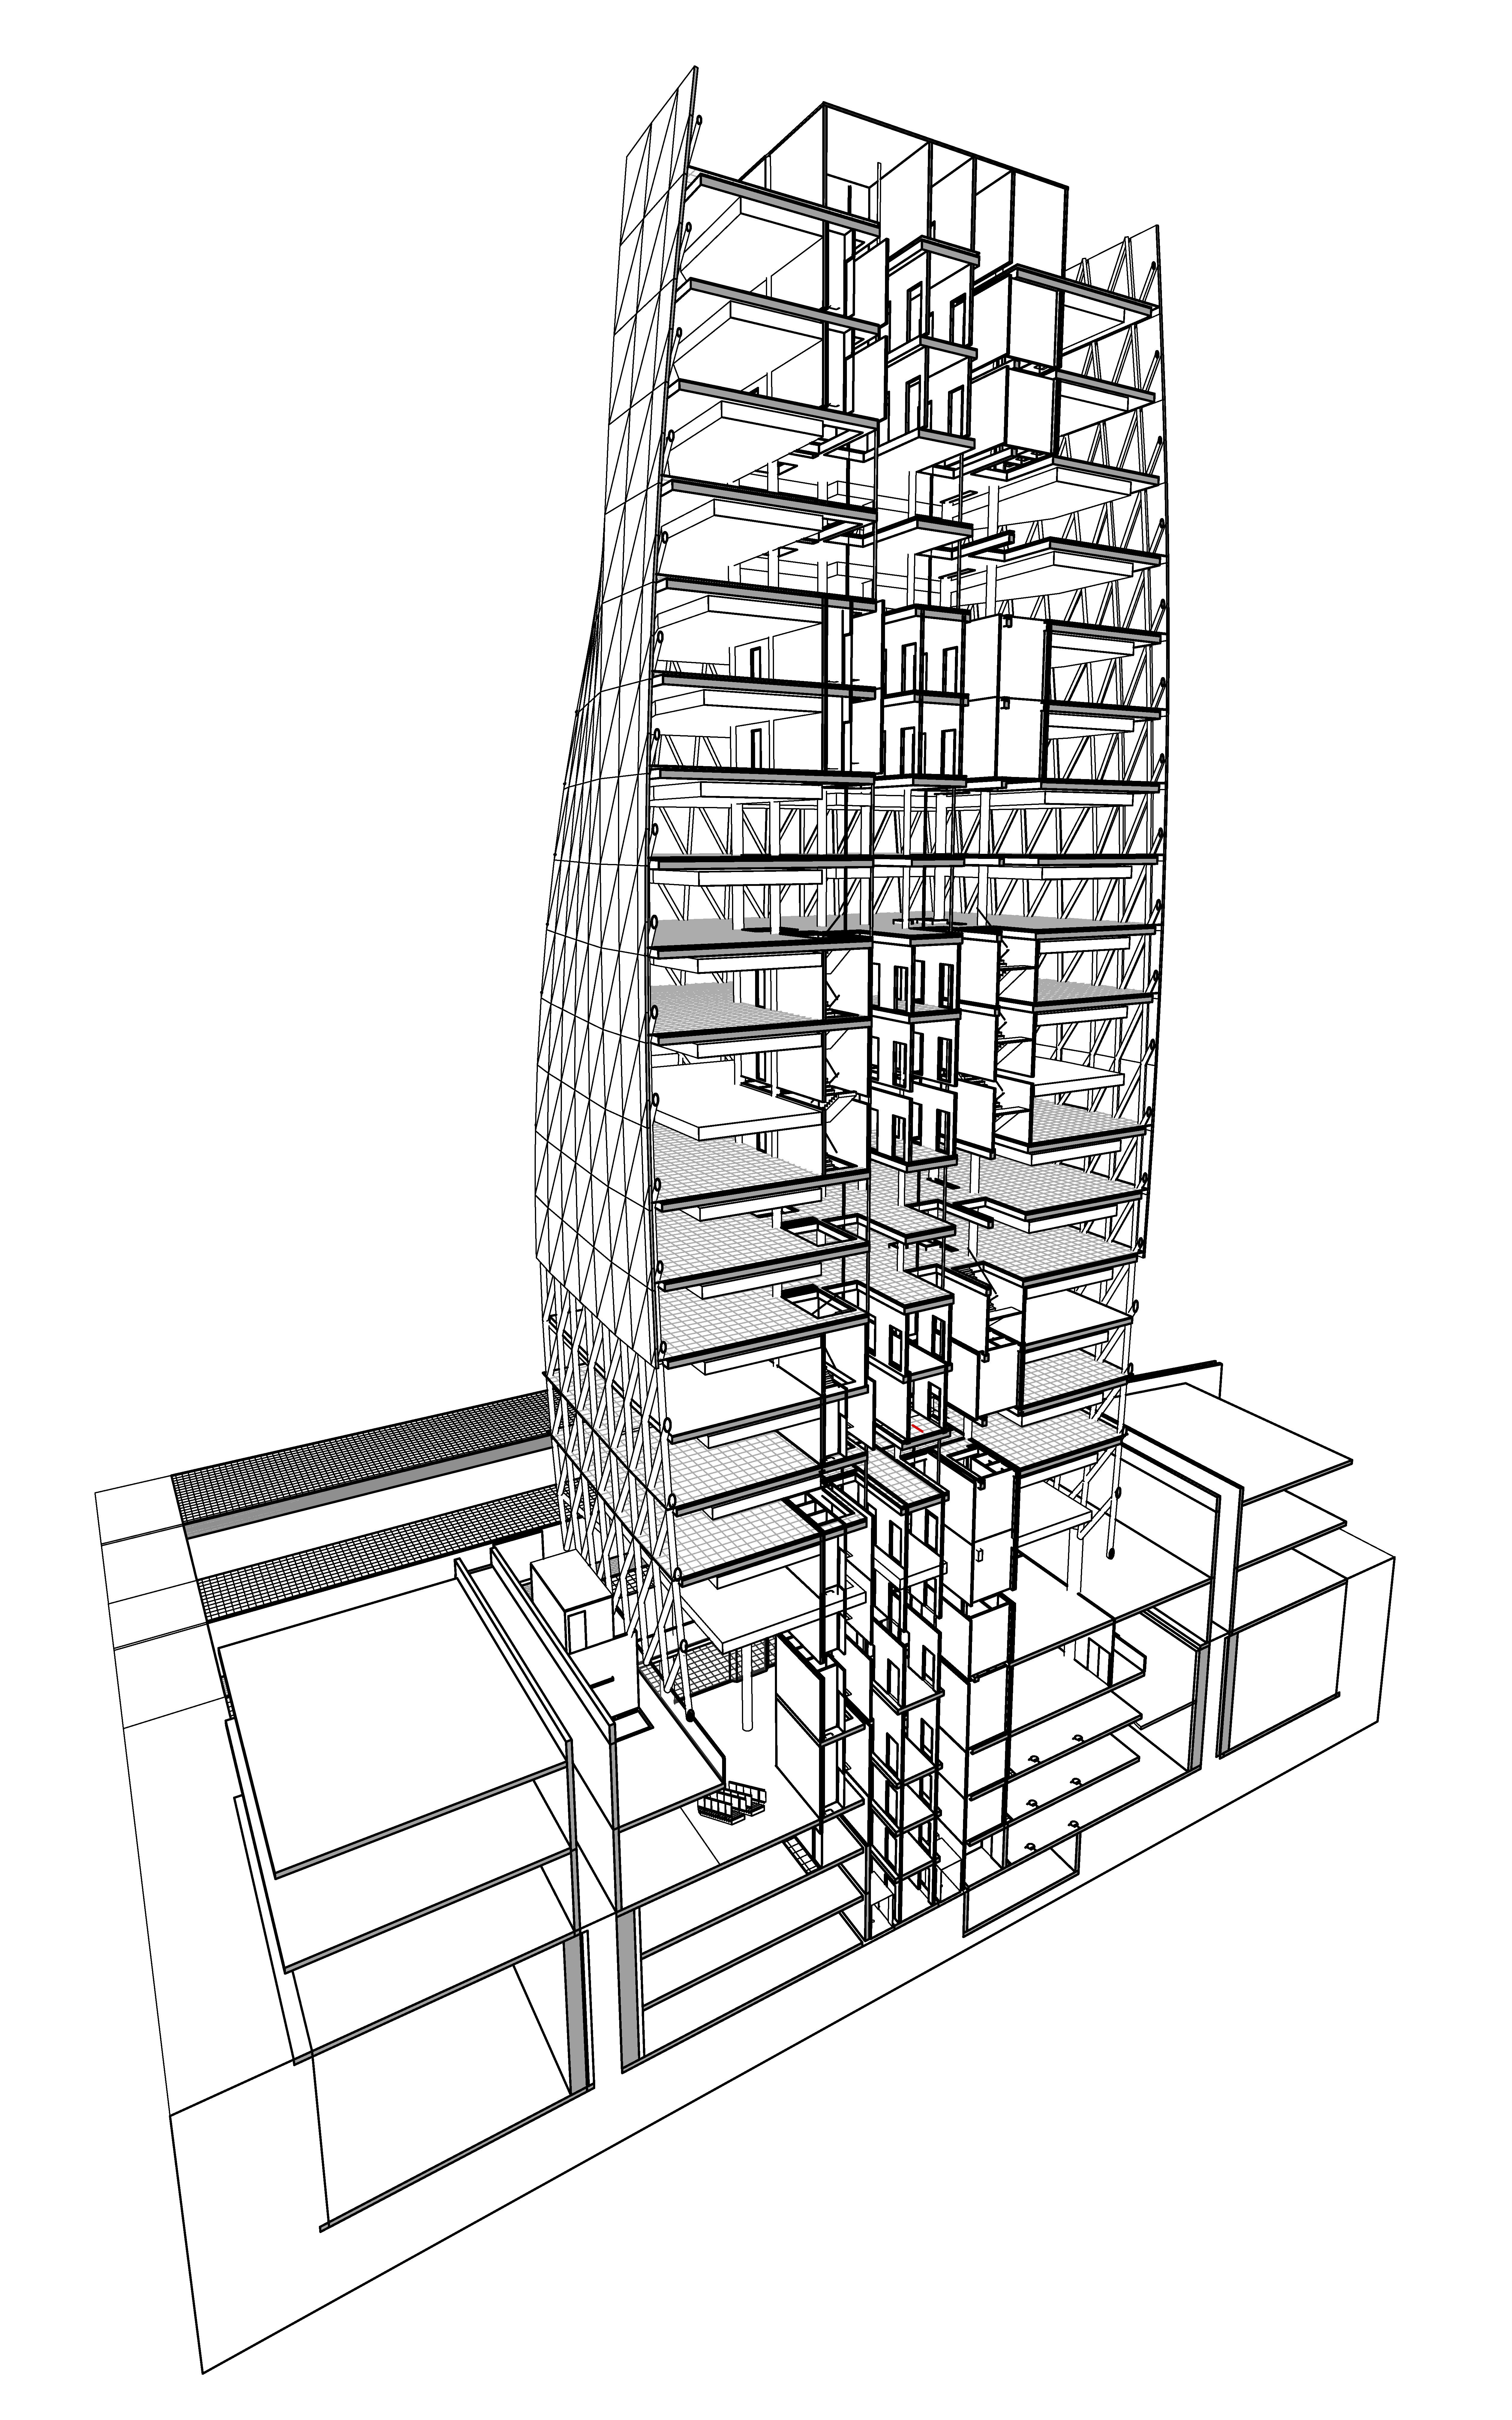 LIWA tower | design Kas Oosterhuis / VAA.ONL | completed 2013 Abu Dhabi